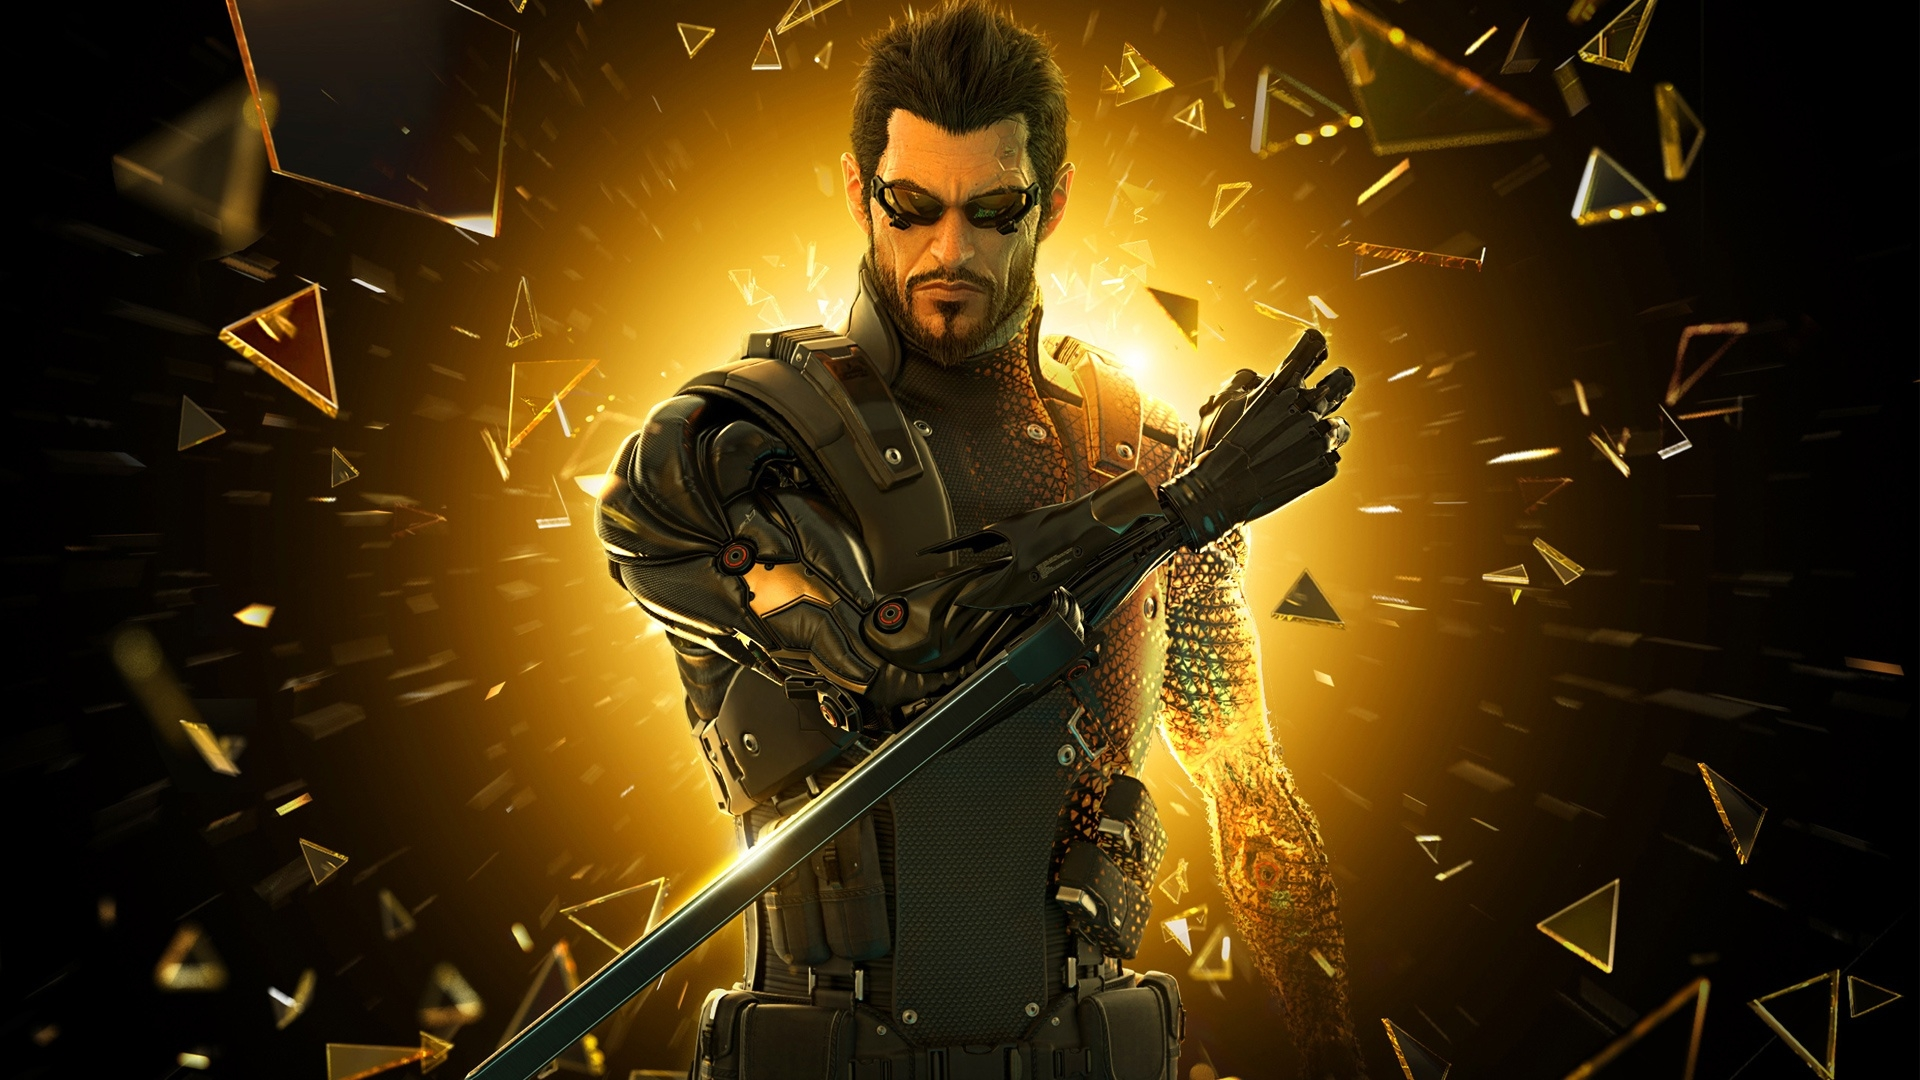 Deus Ex new